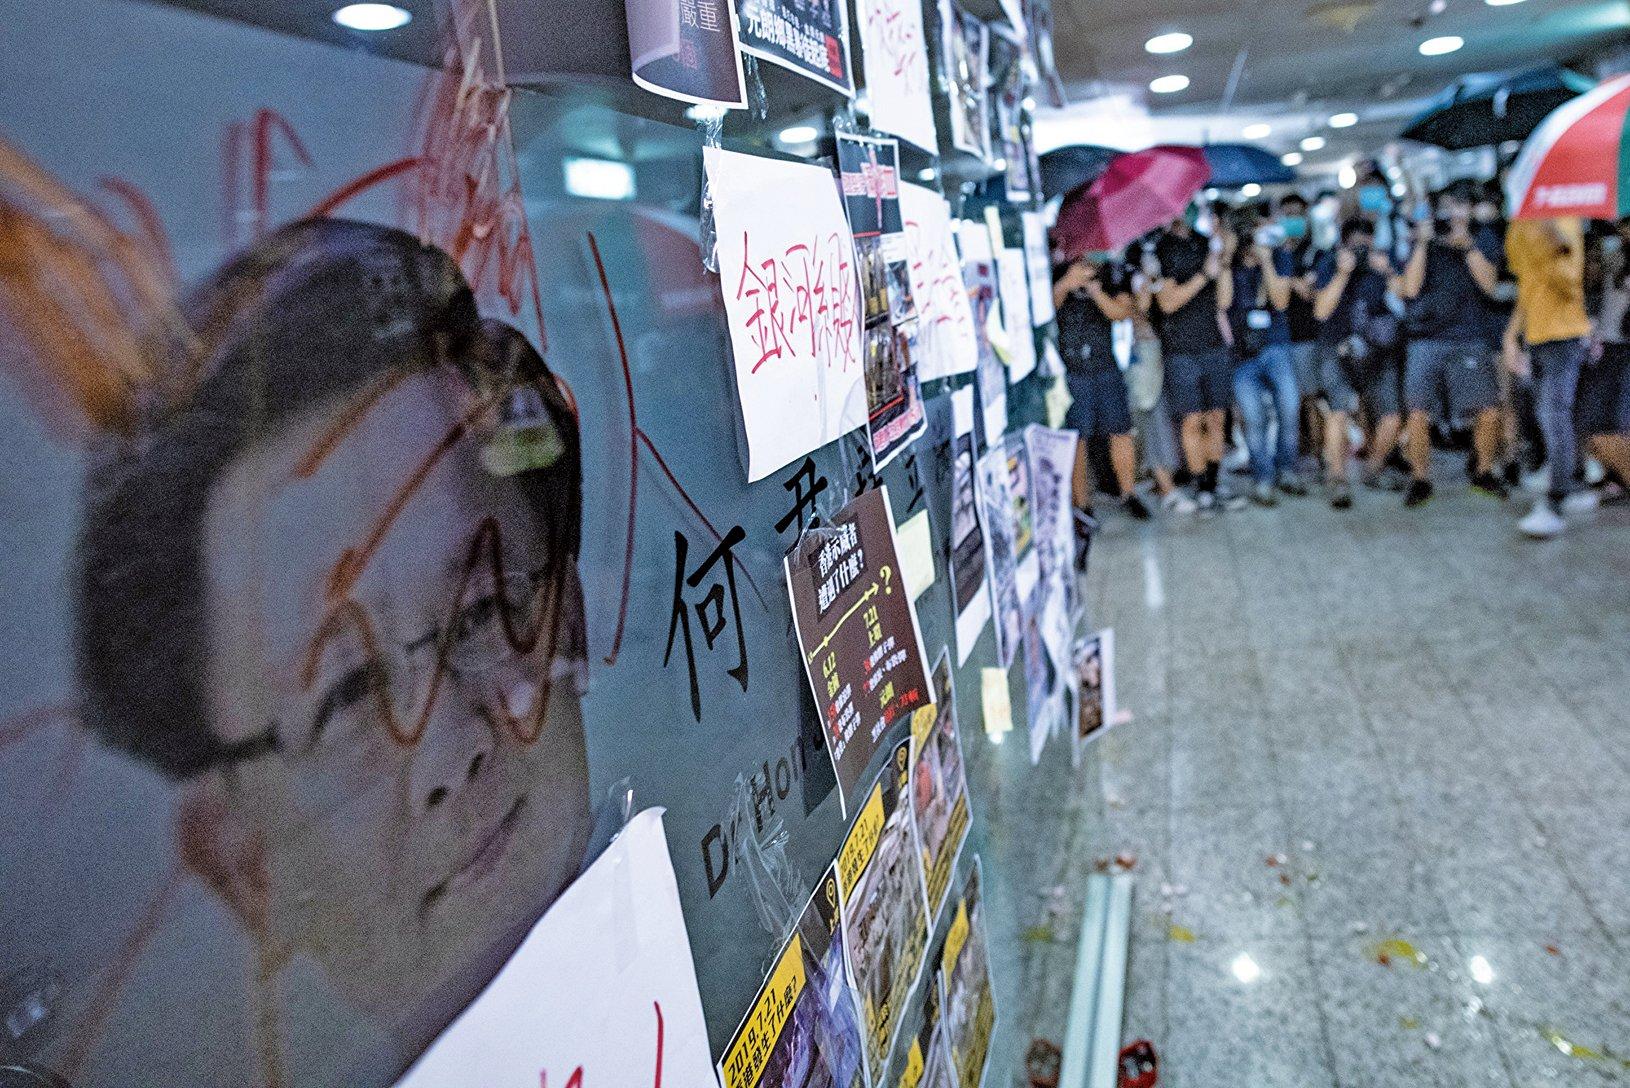 7月21日,43萬人反送中大遊行後,香港白衣暴徒在元朗攻擊示威人士、記者,多人受傷。圖為與白衣暴徒握手表支持的親共建制派議員何君堯辦公室,7月22日被憤怒的民眾貼滿標籤。(AFP)